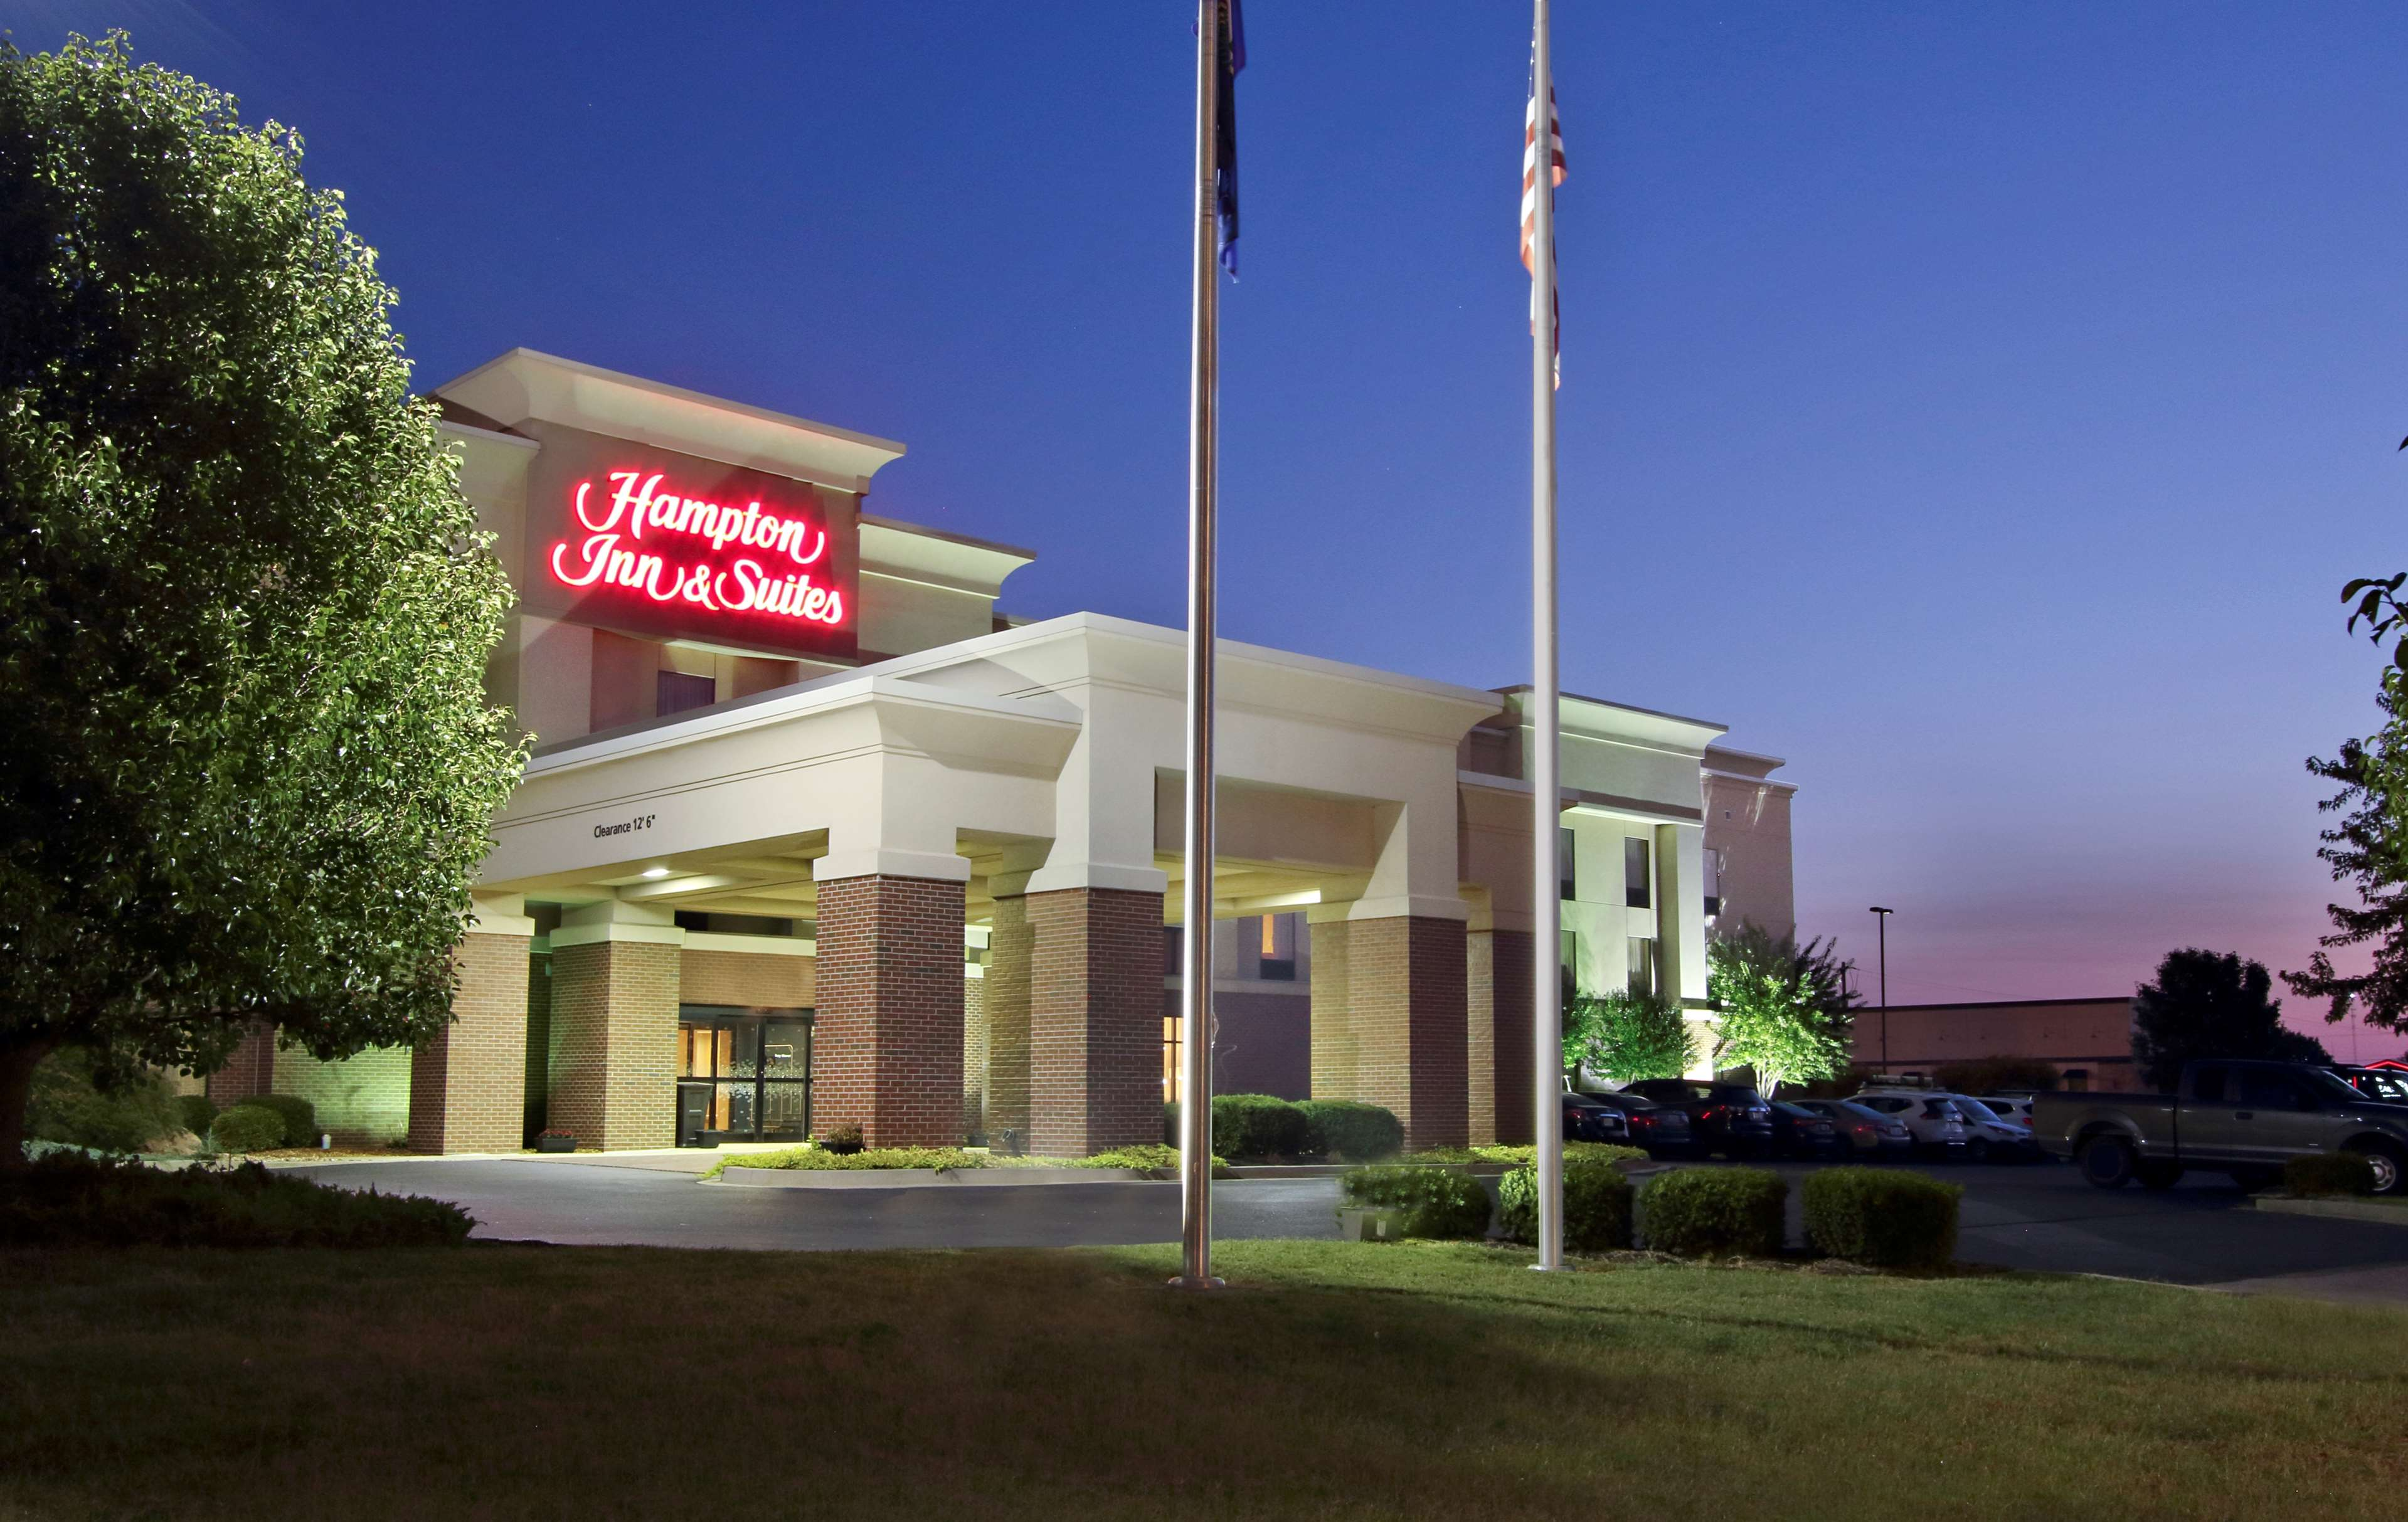 Hampton Inn & Suites Murray image 25